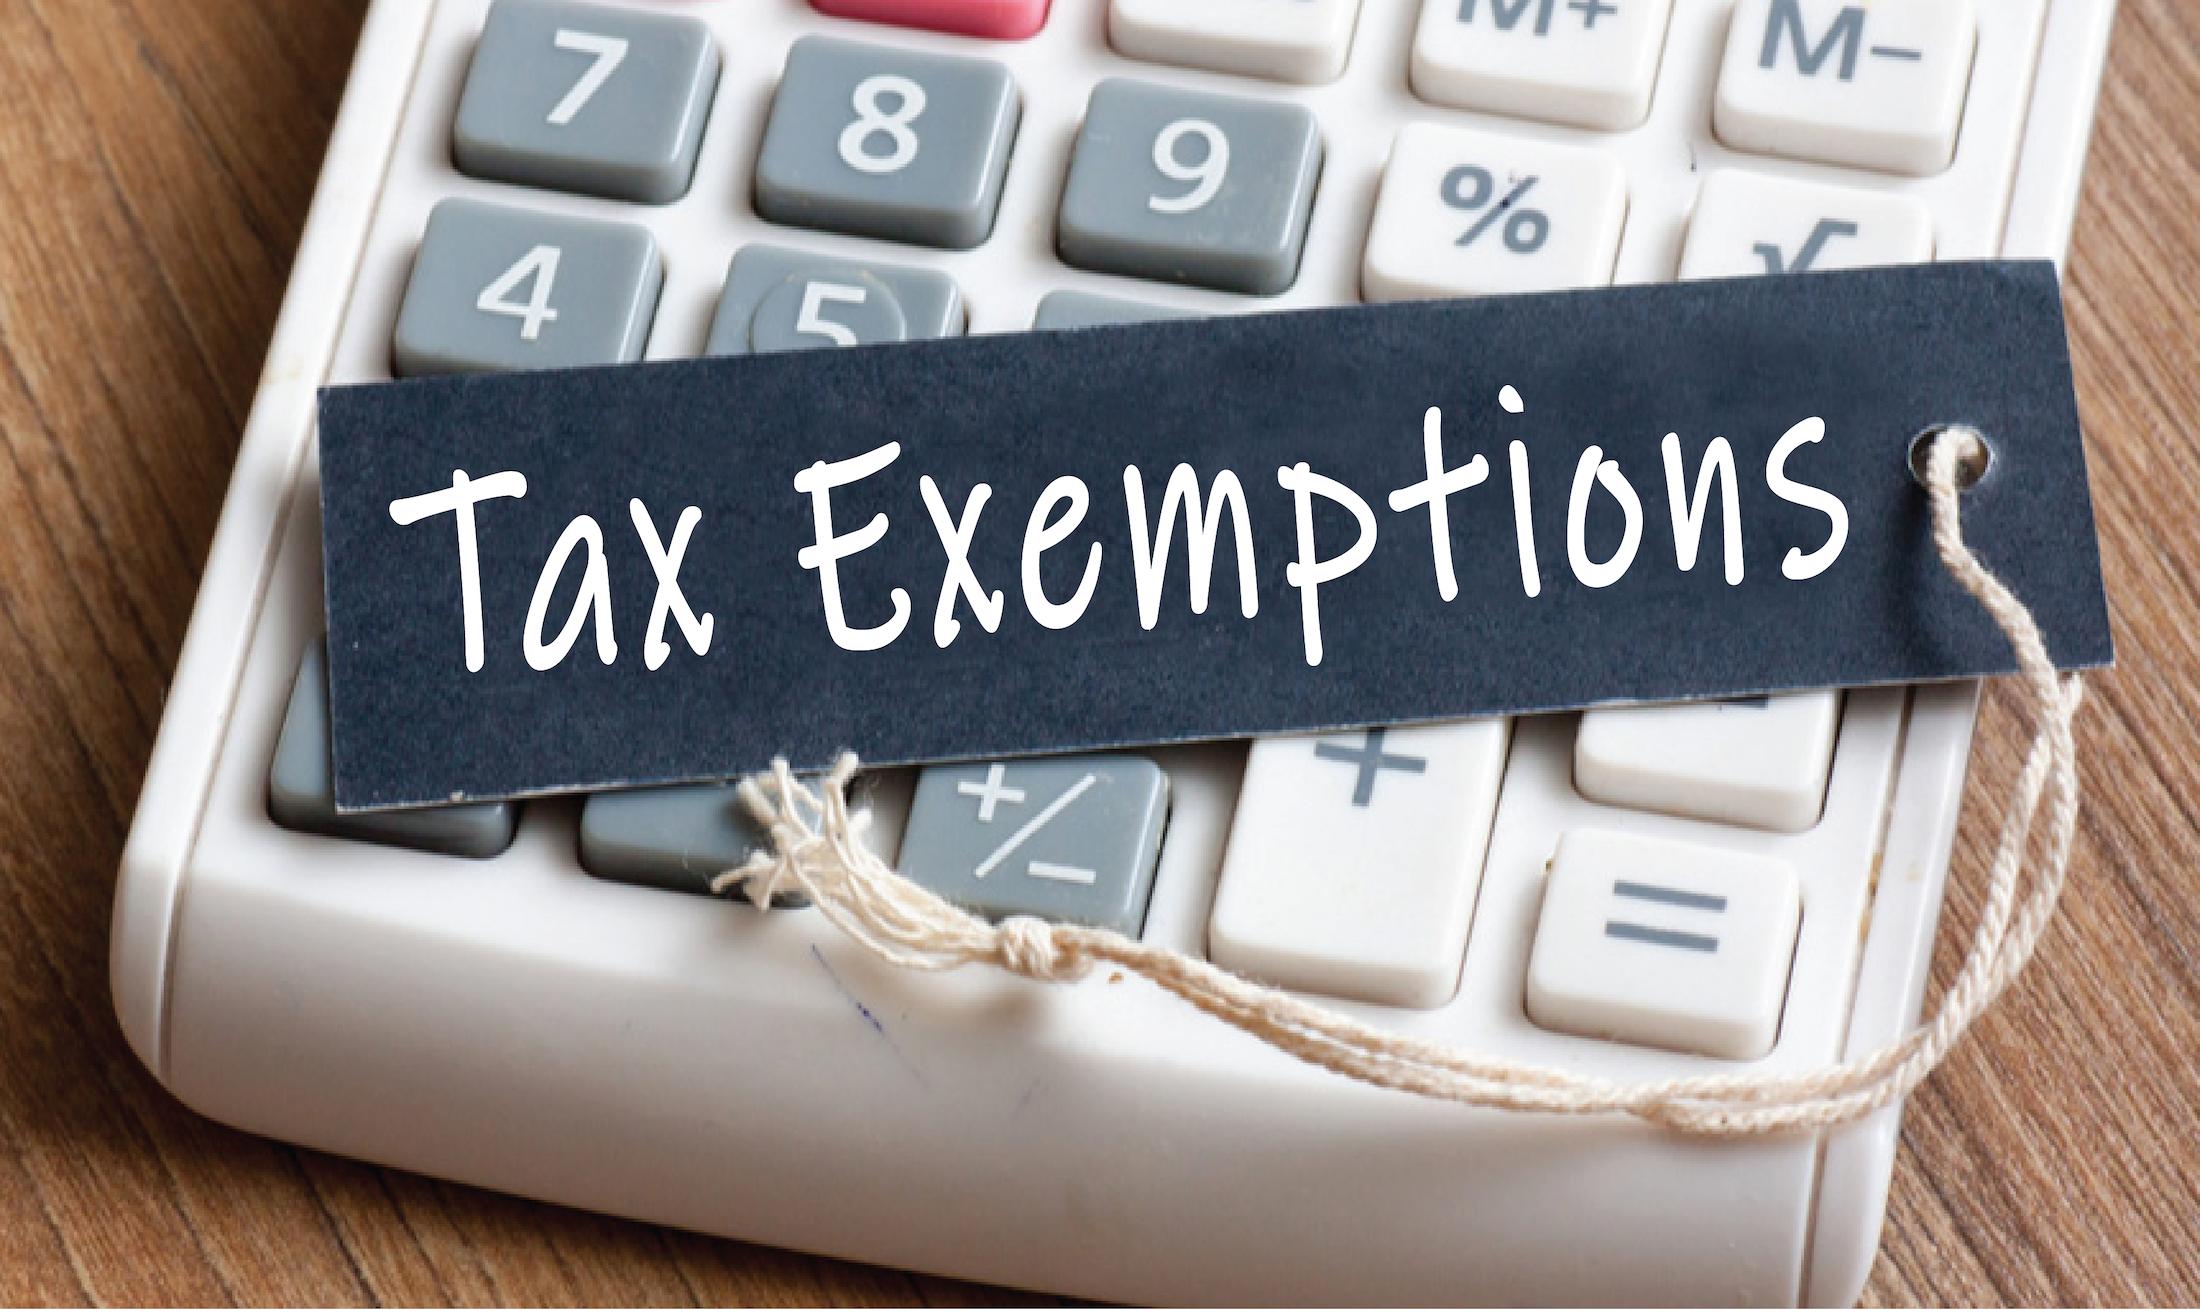 Thanh tra, kiểm tra thuế là gì? Quy định của pháp luật về thanh tra, kiểm  tra thuế?